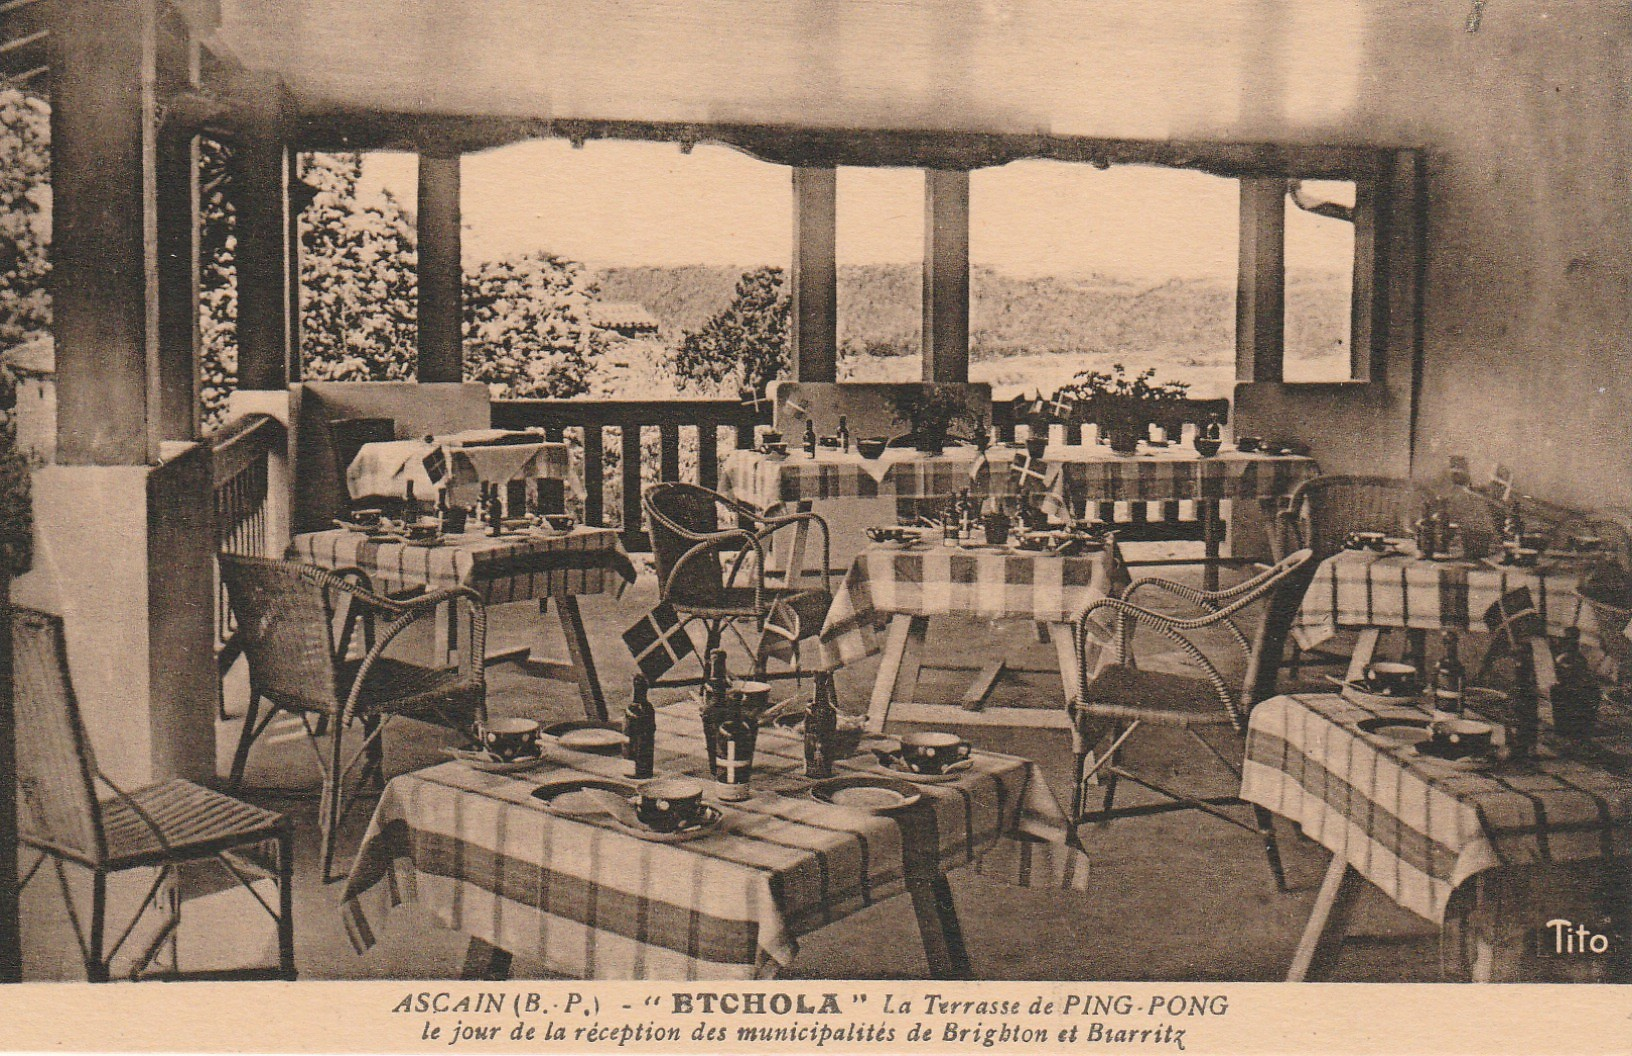 Hôtel Etchola breakfast room